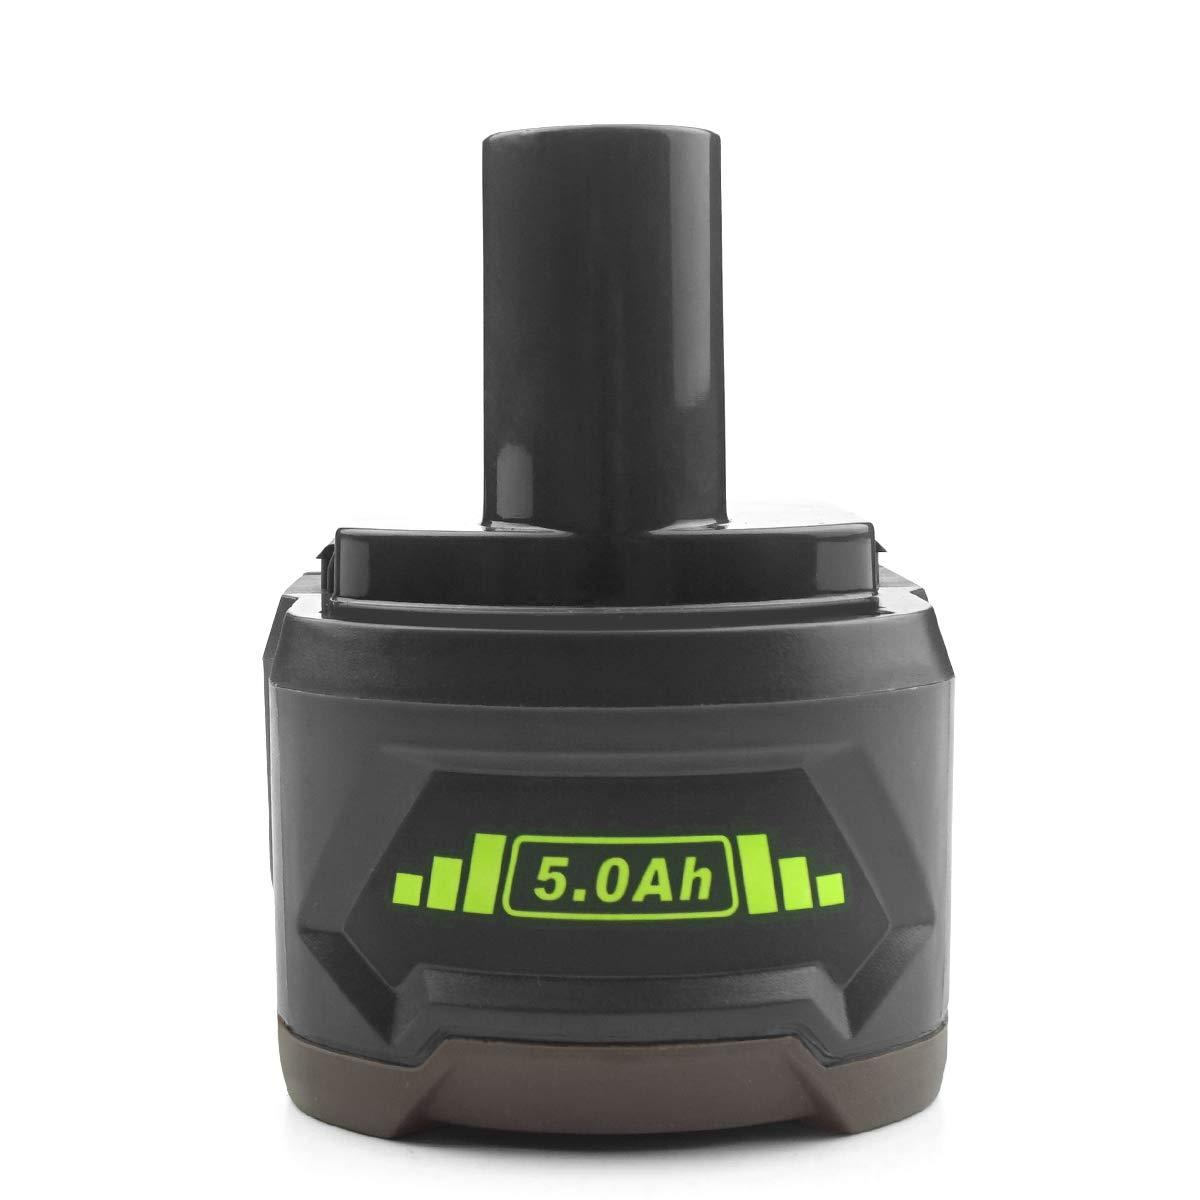 ADVNOVO 18V 5.0Ah Li-ion Bater/ía de Reemplazo para Ryobi 18V One P108 P104 P105 P102 P107 Ryobi 18V Bater/ía